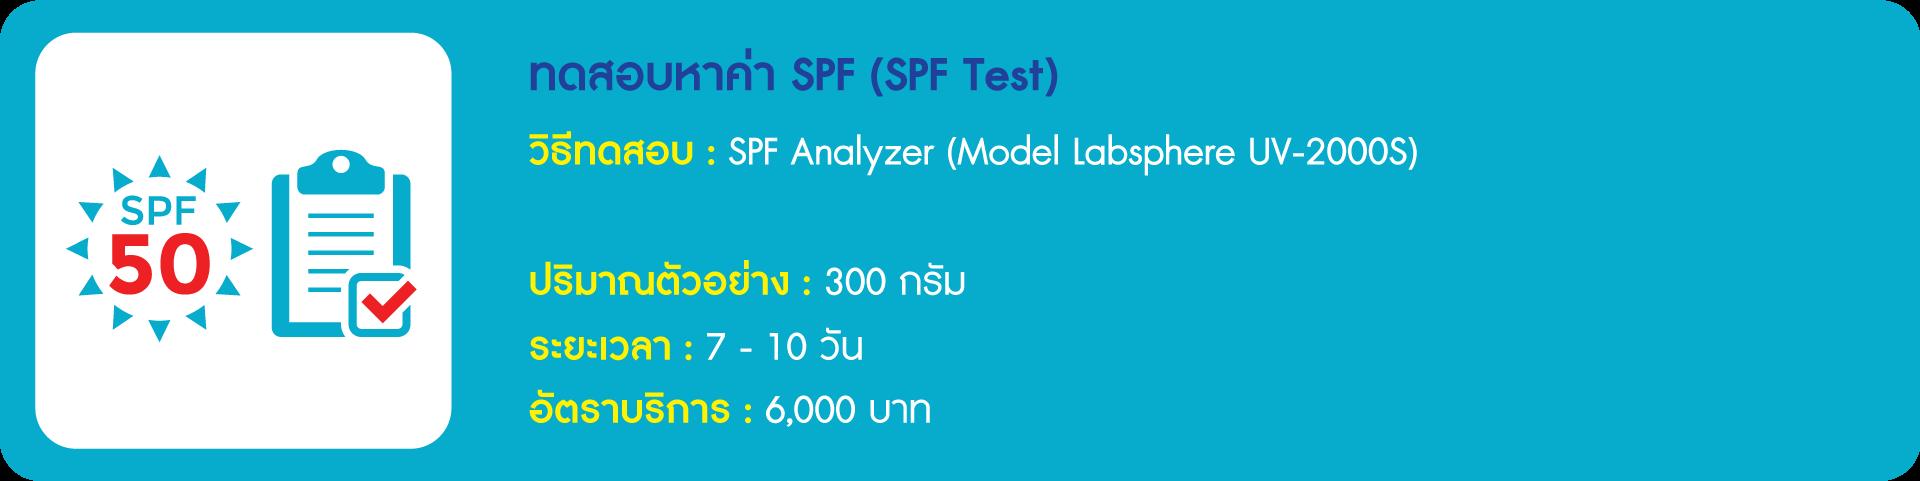 ทดสอบหาค่า SPF (SPF TEST)